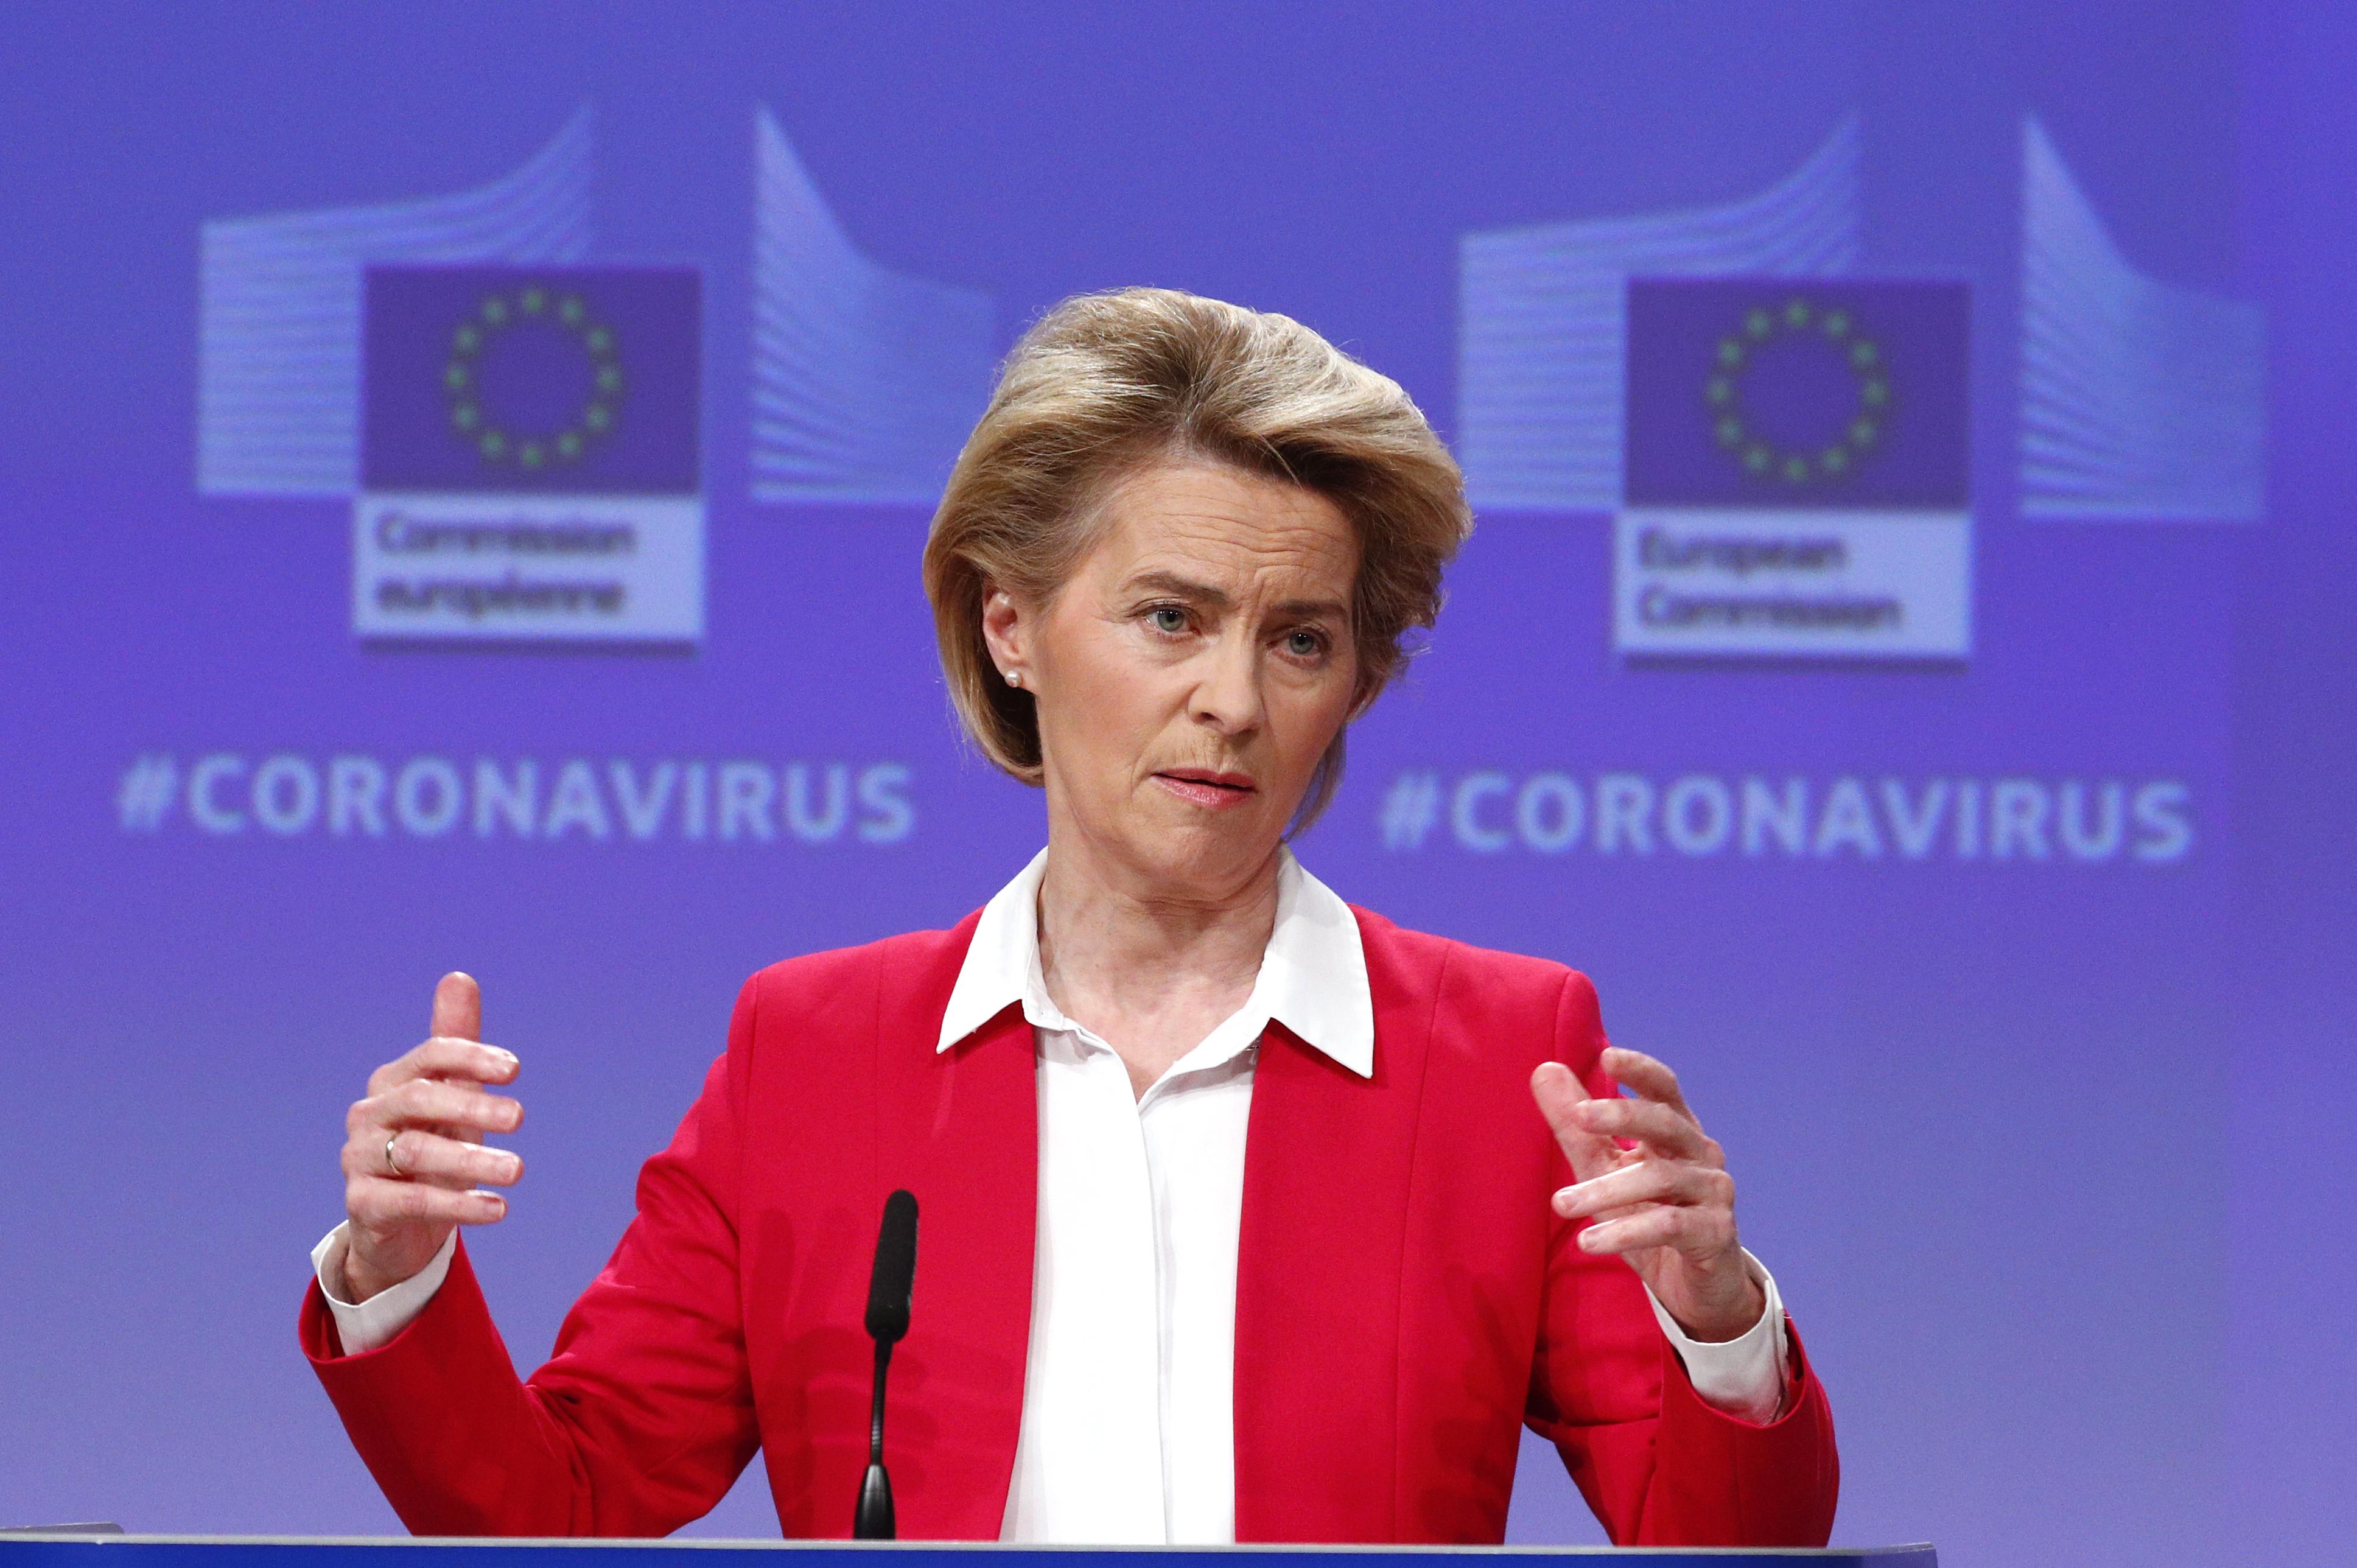 530 millió eurós pénzügyi támogatást javasol az Európai Bizottság vészhelyzeti intézkedésekre